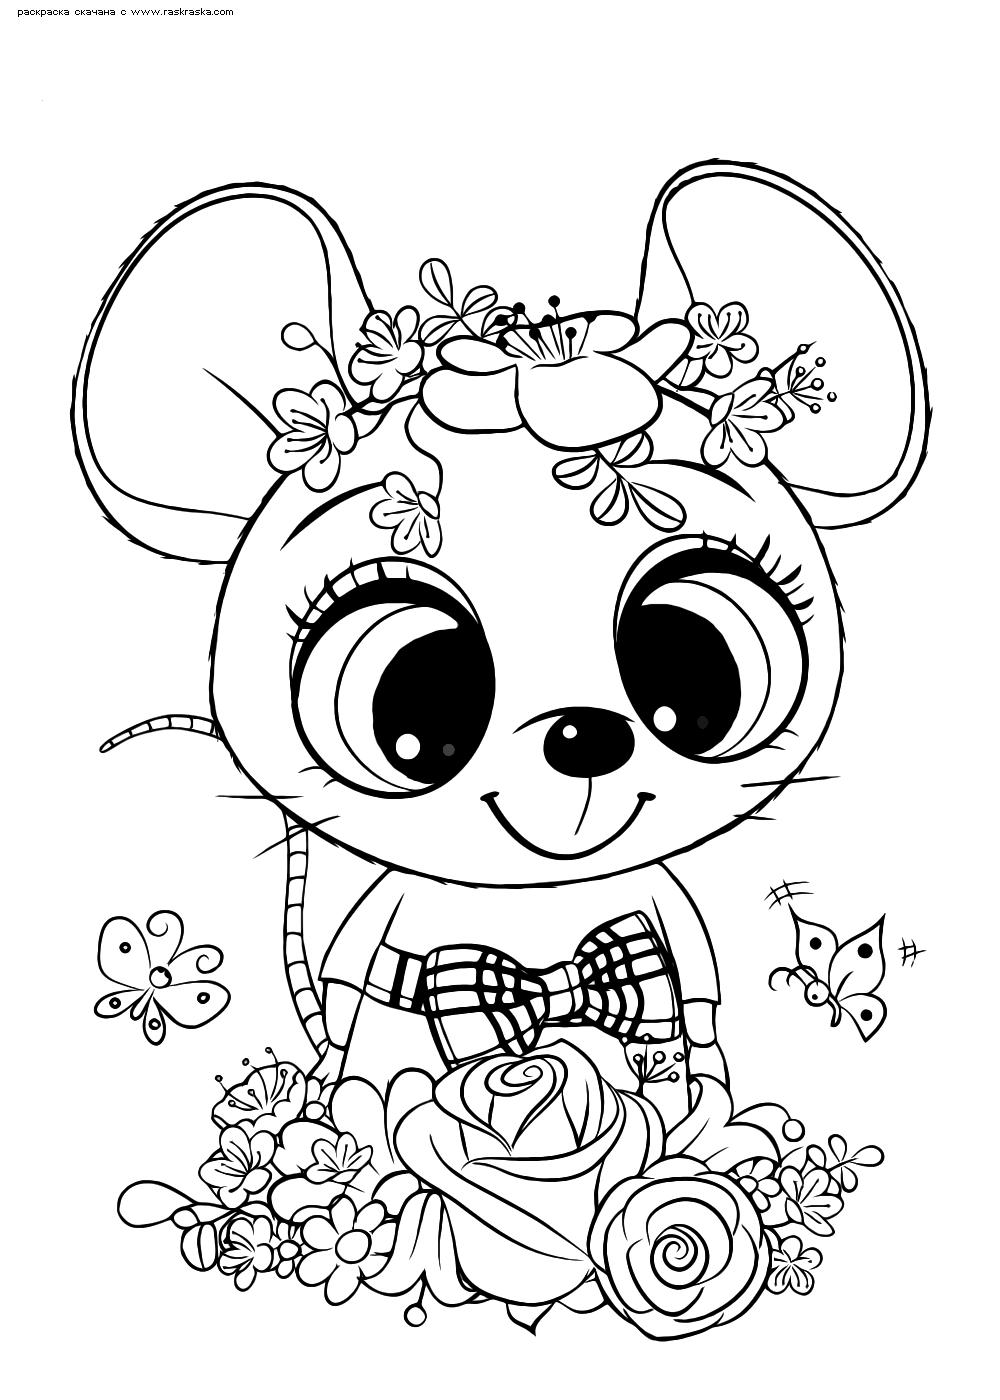 Раскраска Мышка   Раскраски няшных животных. Милые рисунки ...